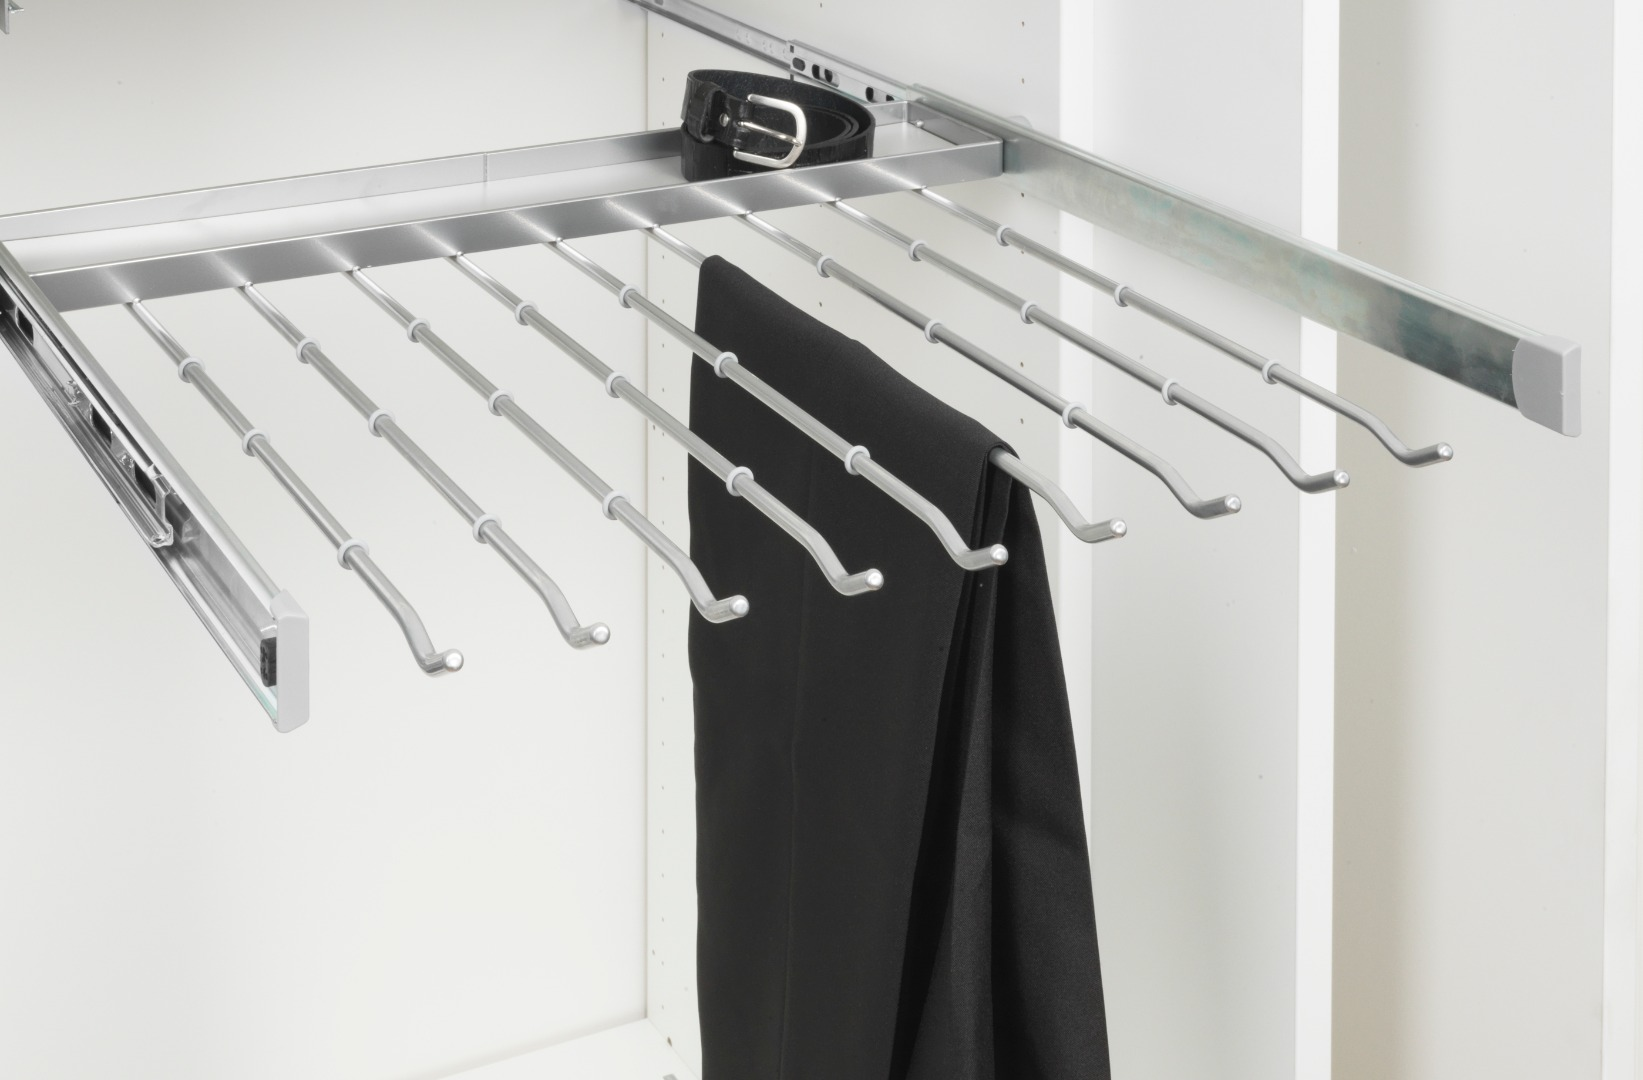 Выкатной держатель для брюк в шкаф 600 с крепежом на боковины, мягкое закрывание серебристый